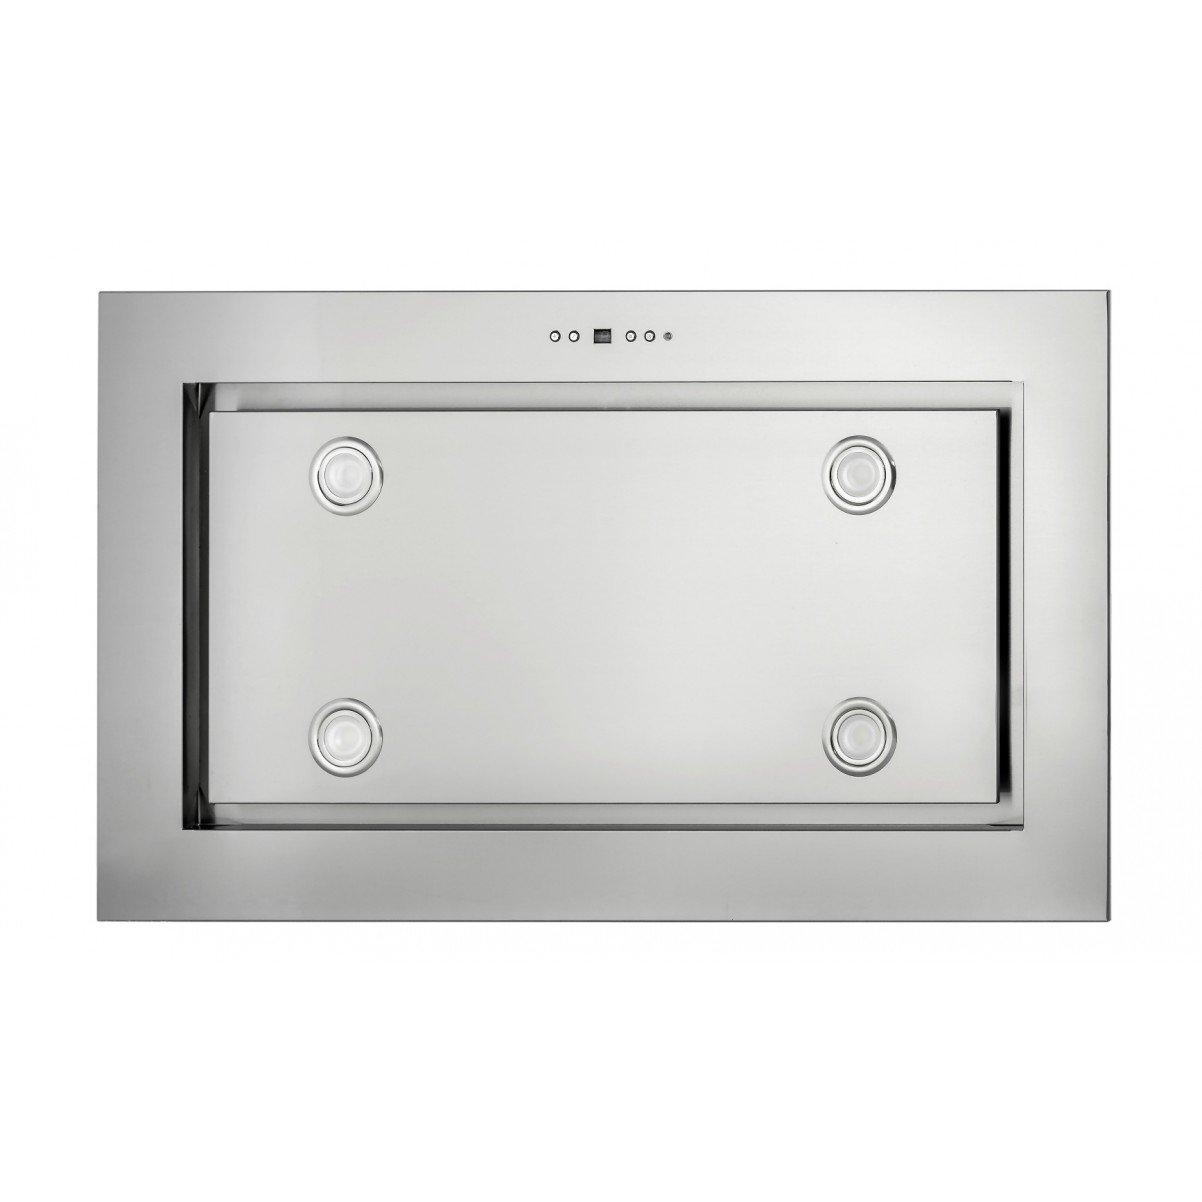 Tak-integrerad köksfläkt LYXOR borstat rostfritt stål 96cm/120cm